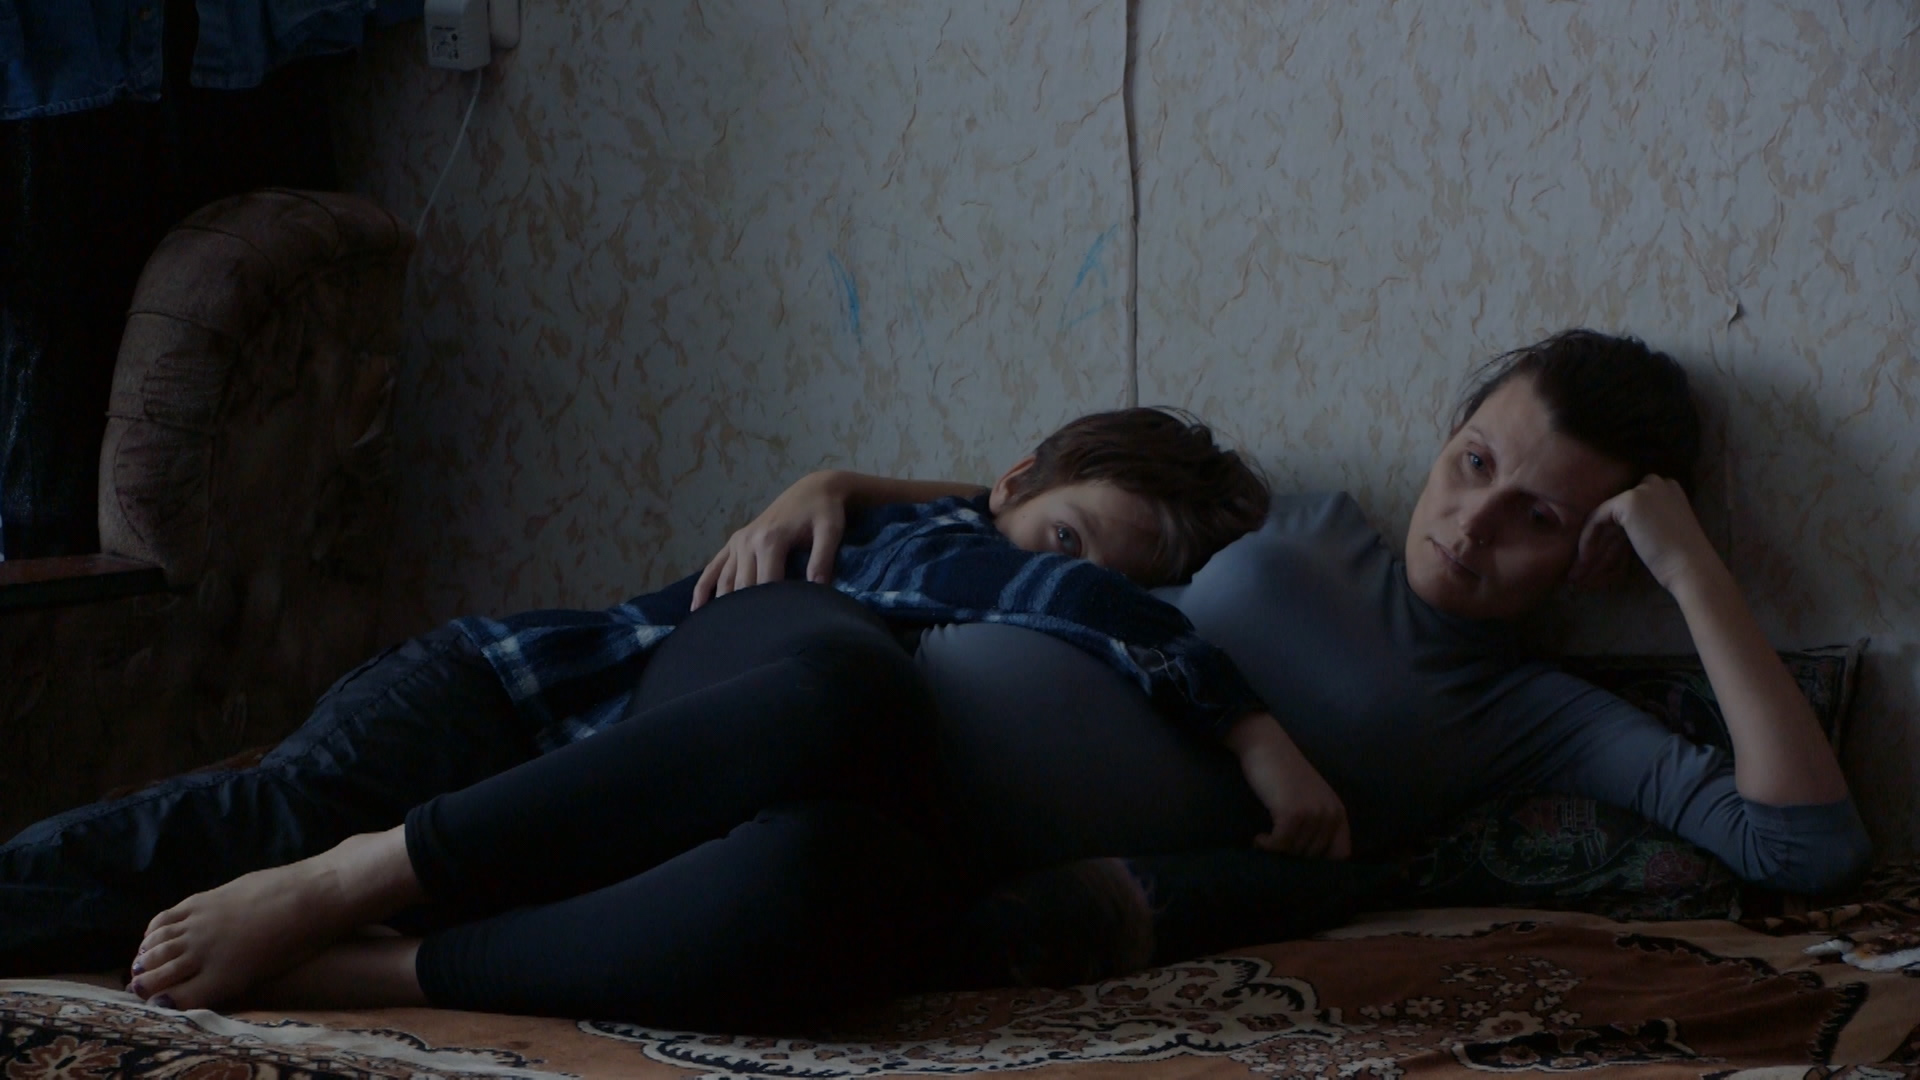 Документальный фильм режиссер Елена Ласкари 2016 год, Россия